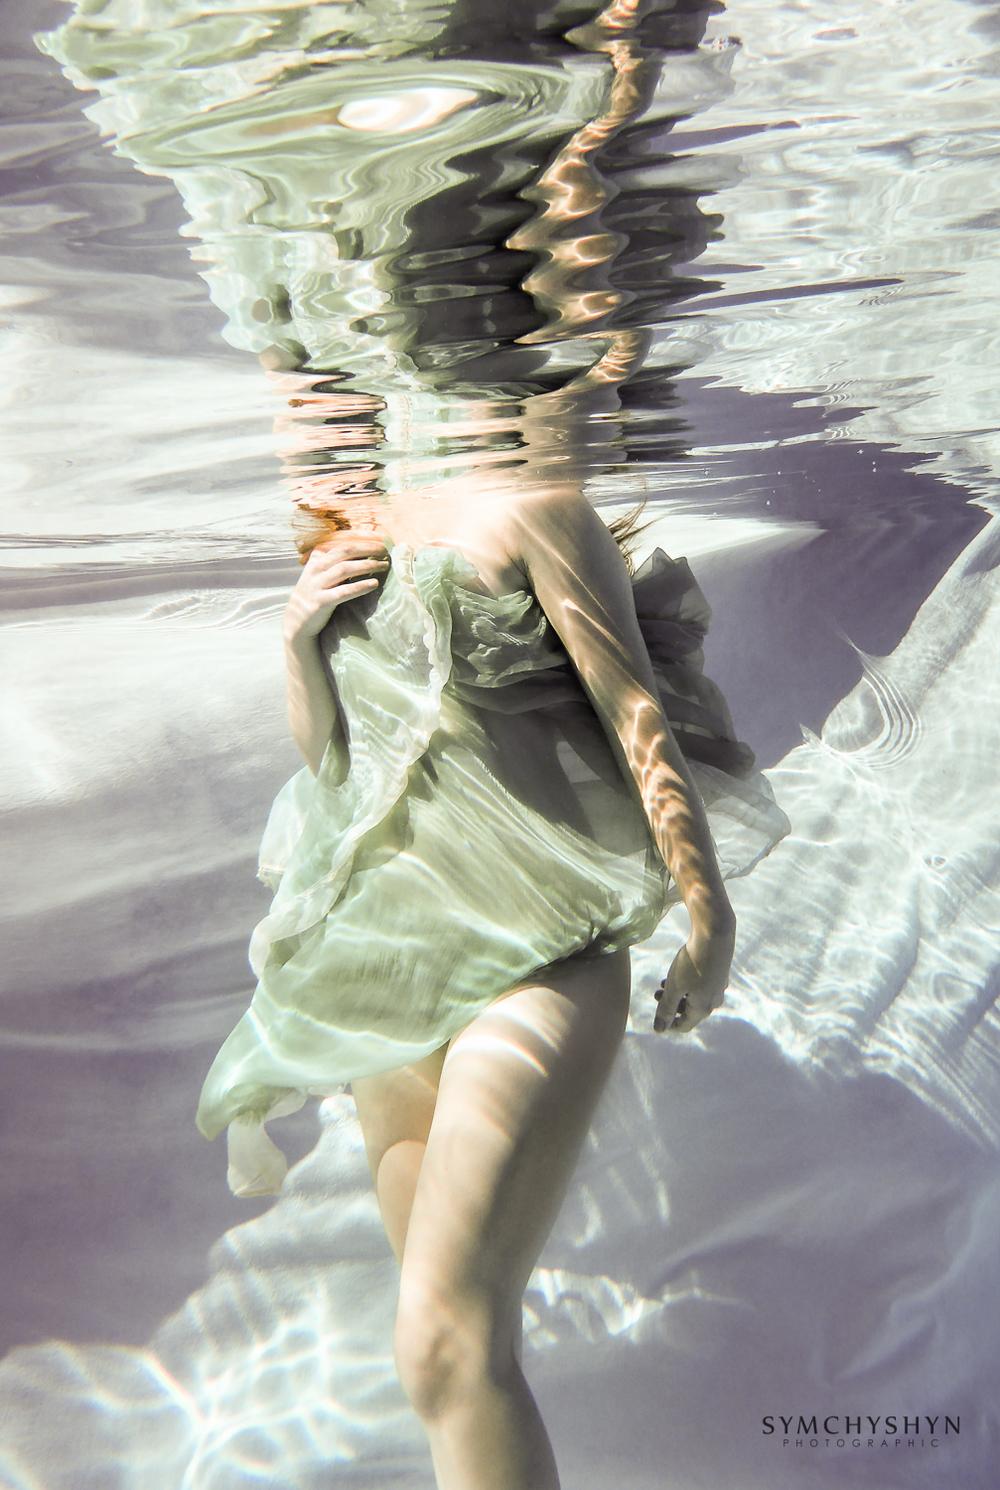 20140927 SM Underwater 2423 Retouched.jpg